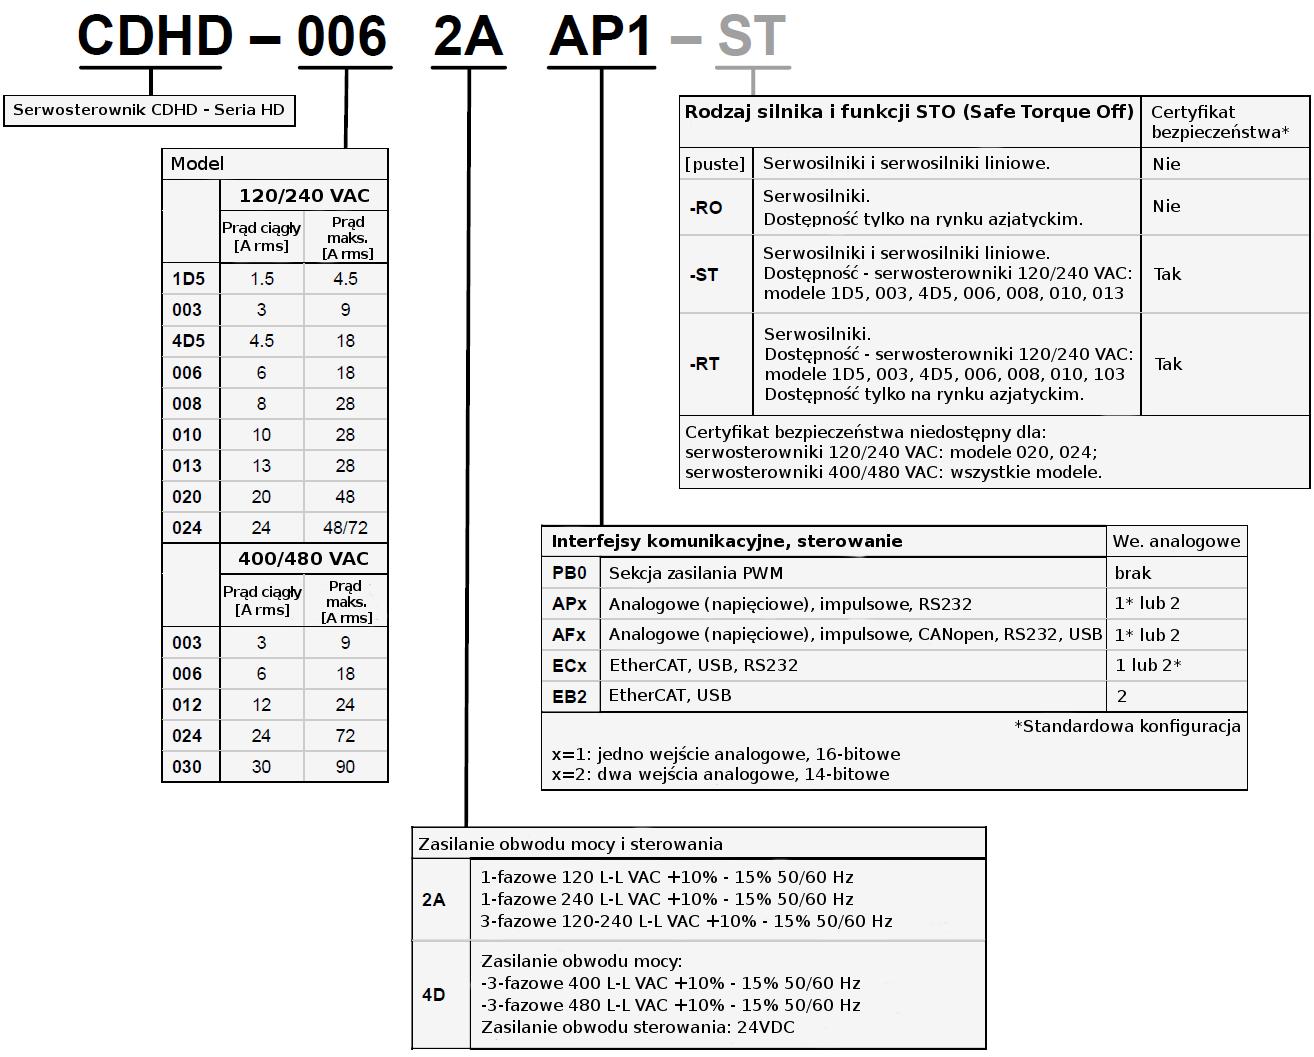 Kod zamówieniowy - serwosterowniki Servotronix CDHD